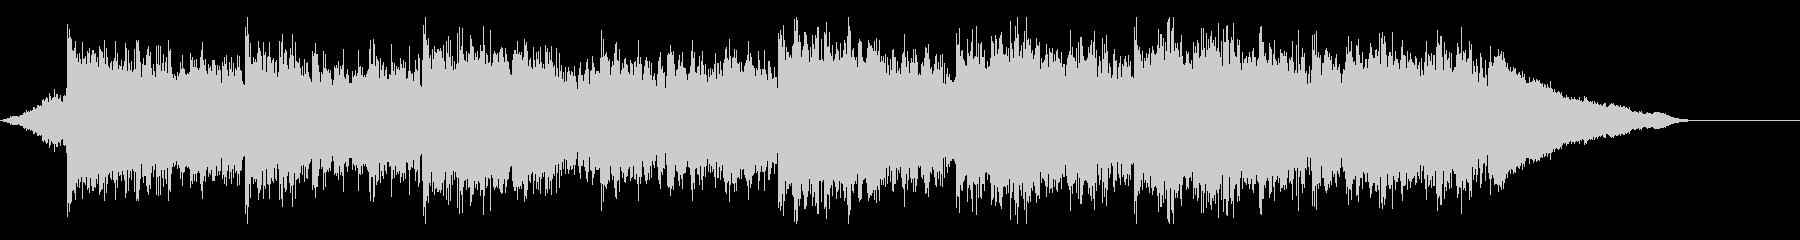 企業VP映像、164オーケストラ、爽快Sの未再生の波形